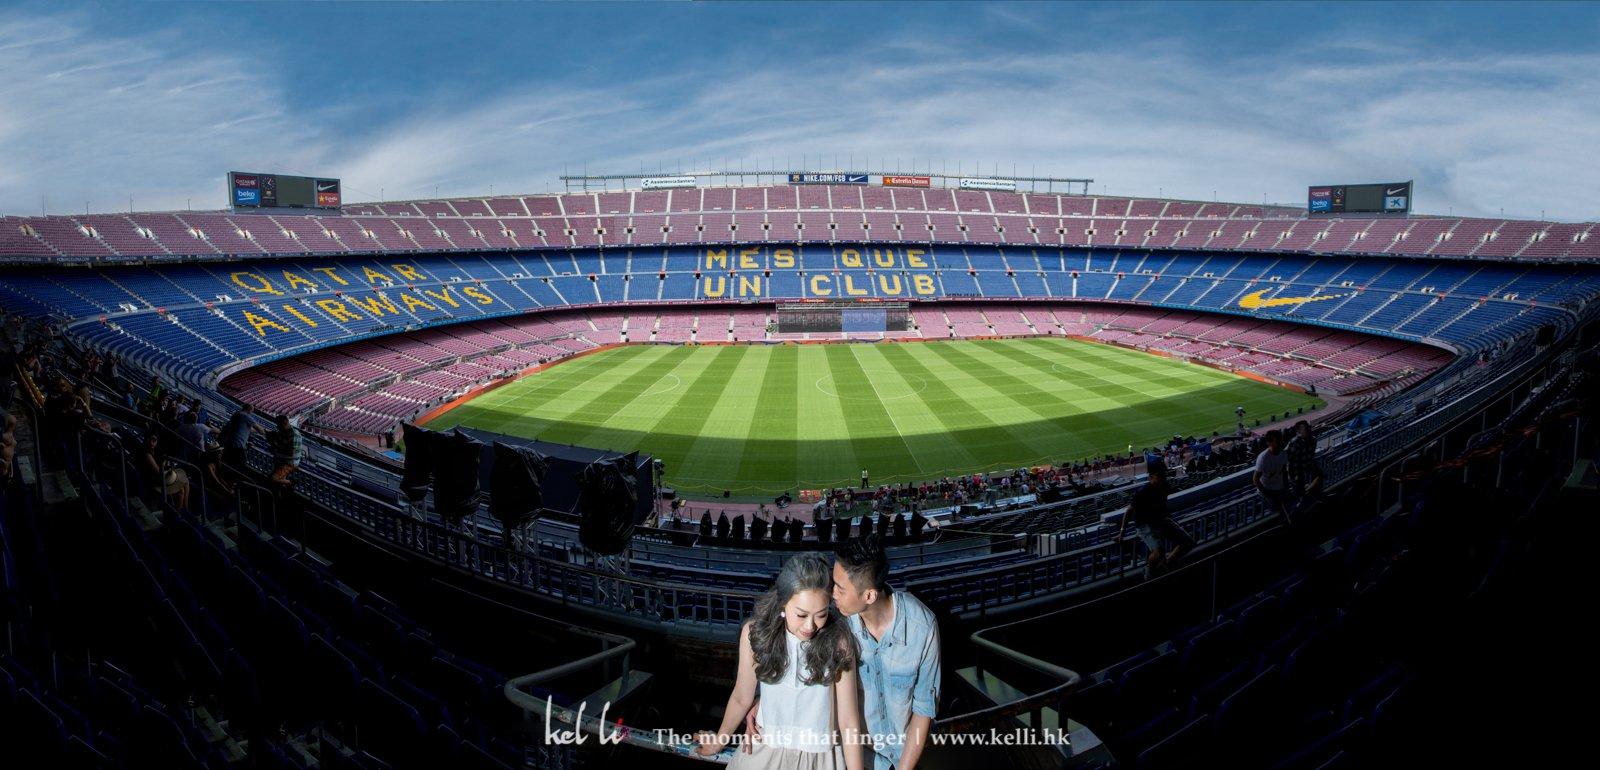 諾走普球場(Camp Nou), 球迷必到的球場